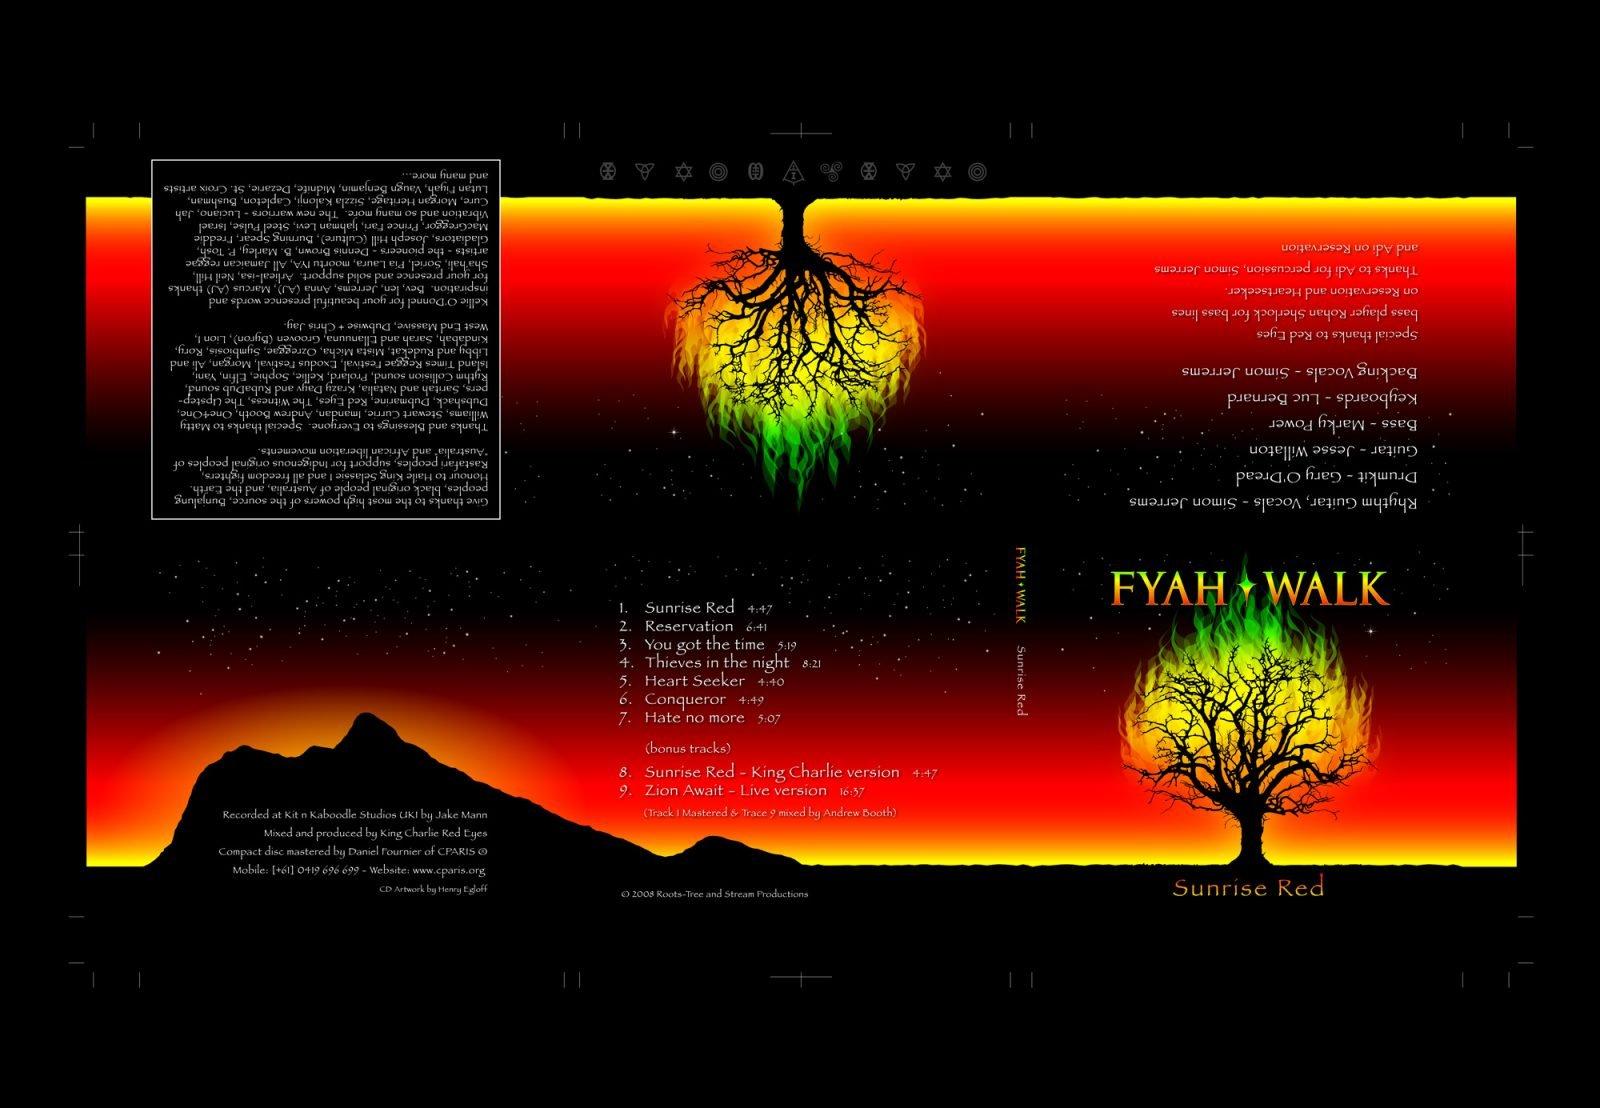 Fyah Walk Sunrise Red digipack artwork